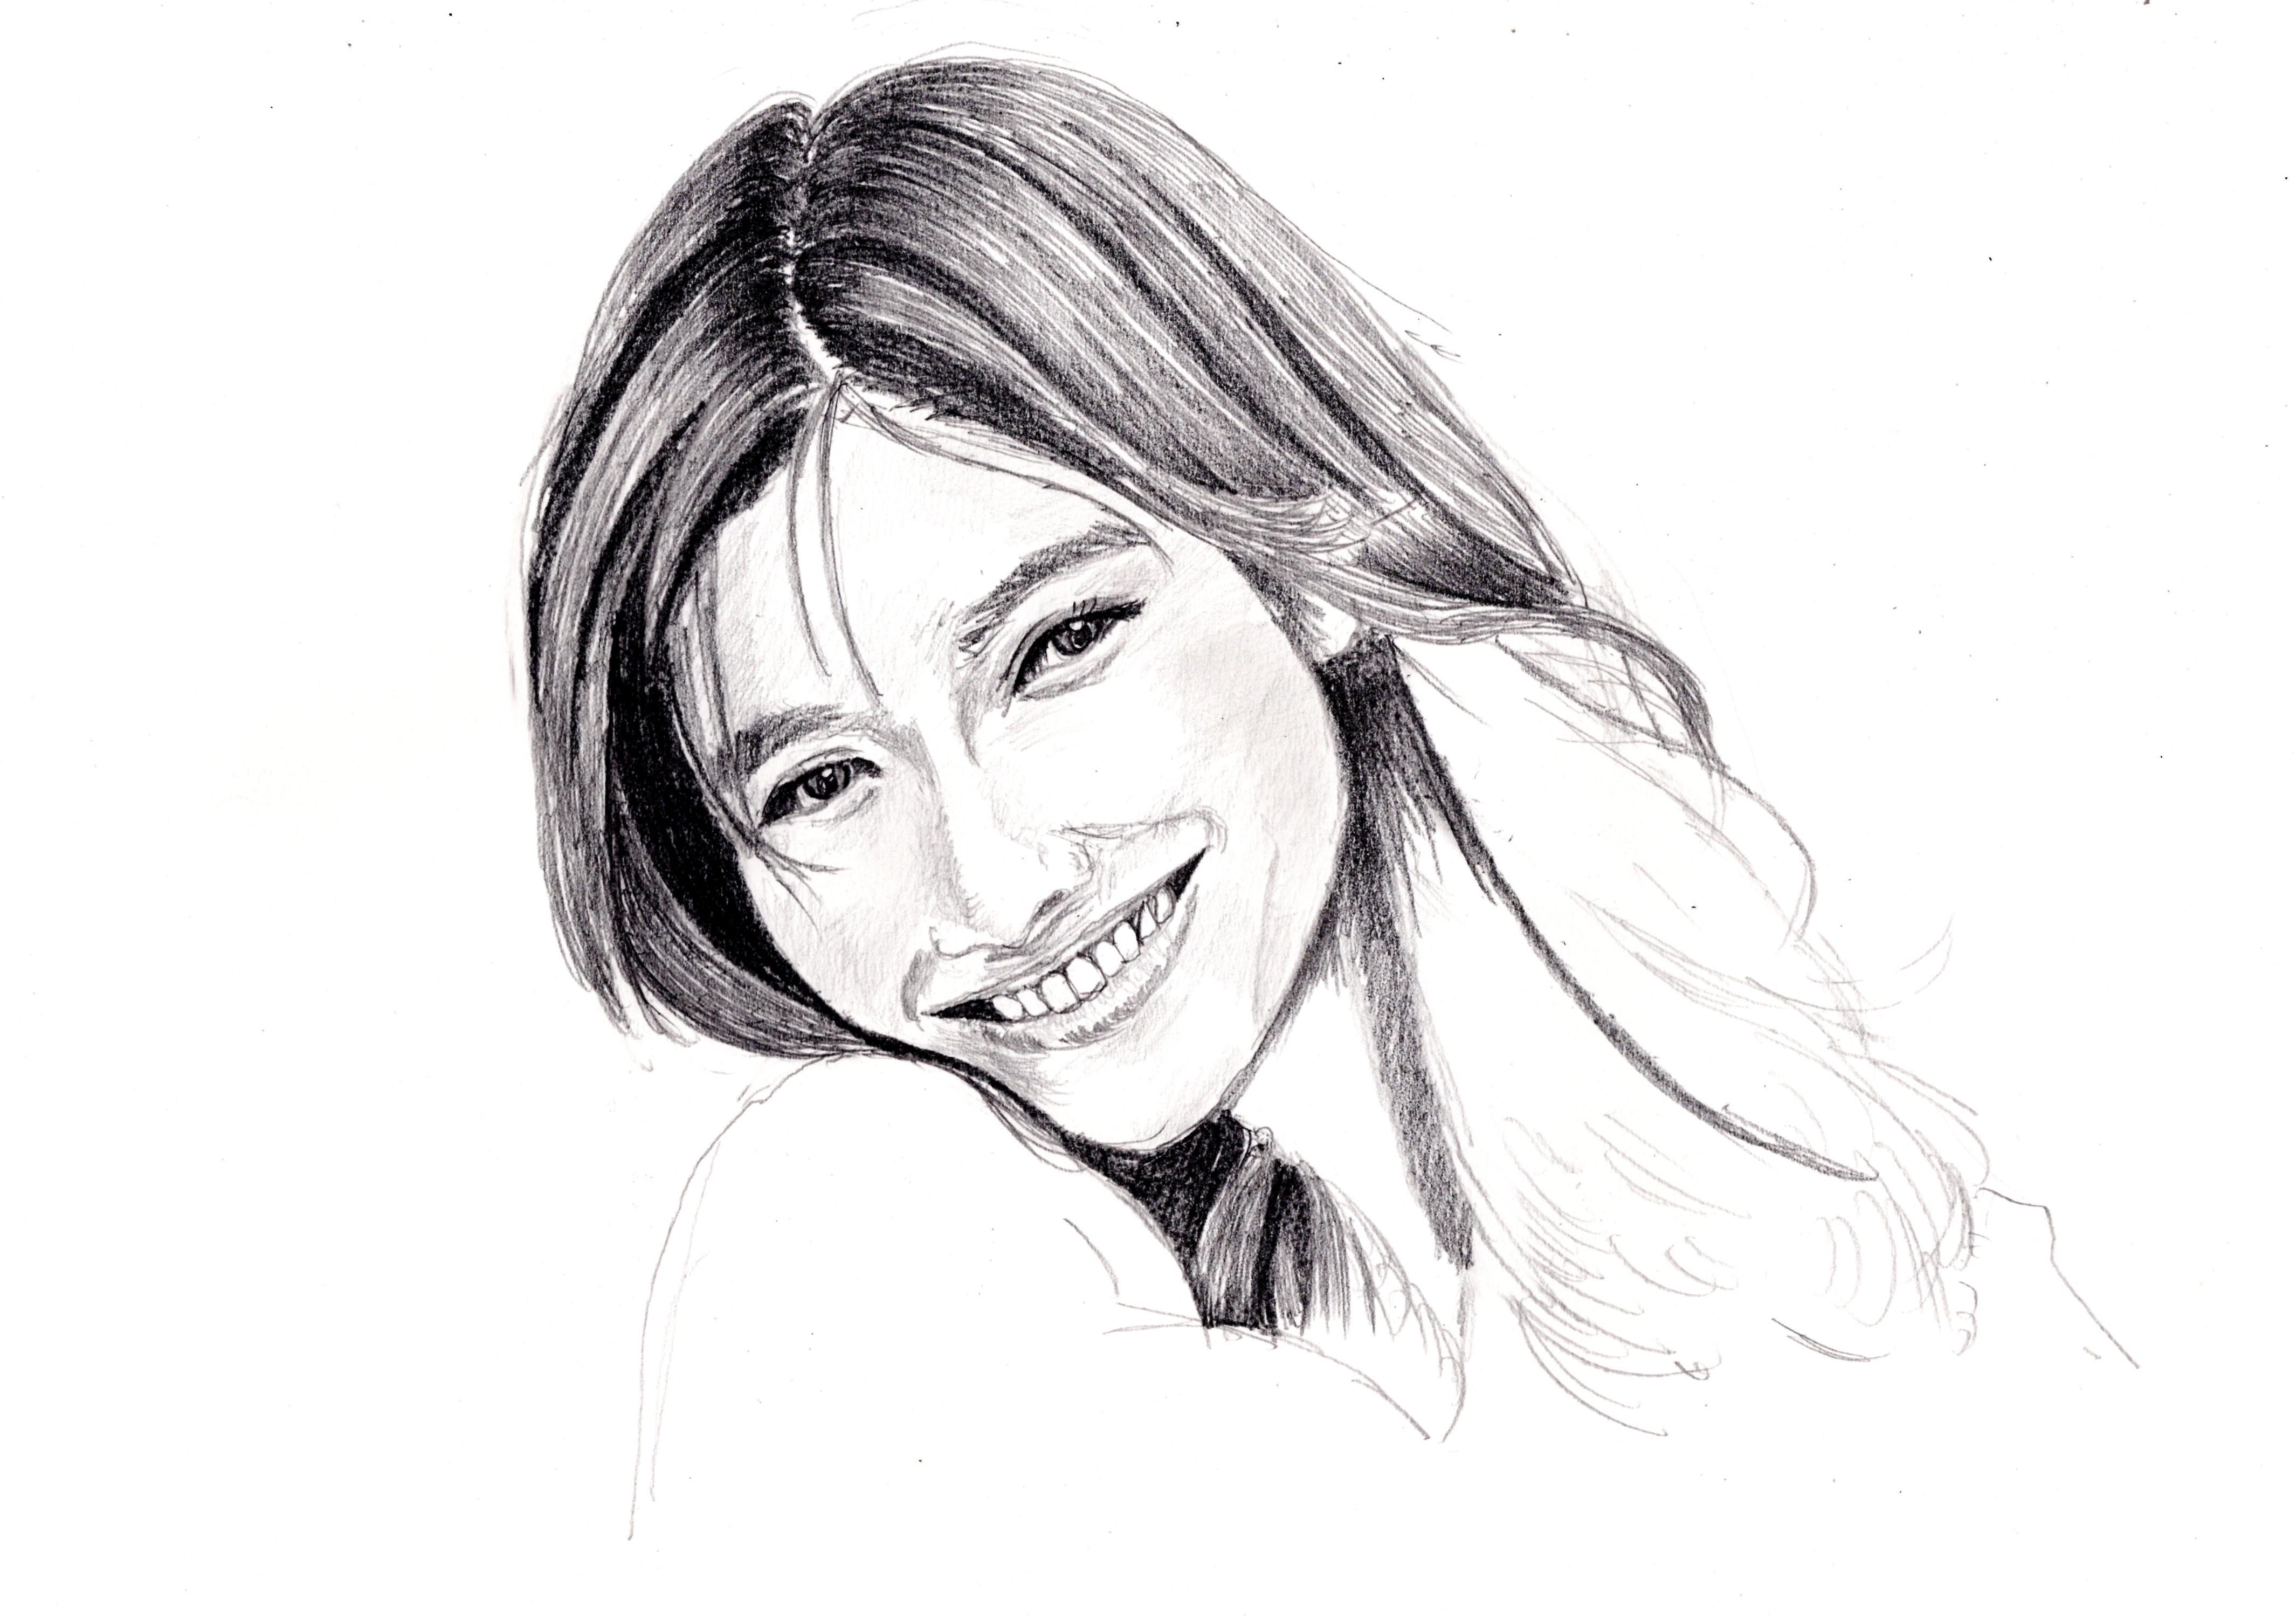 篠原涼子の鉛筆画似顔絵 途中経過